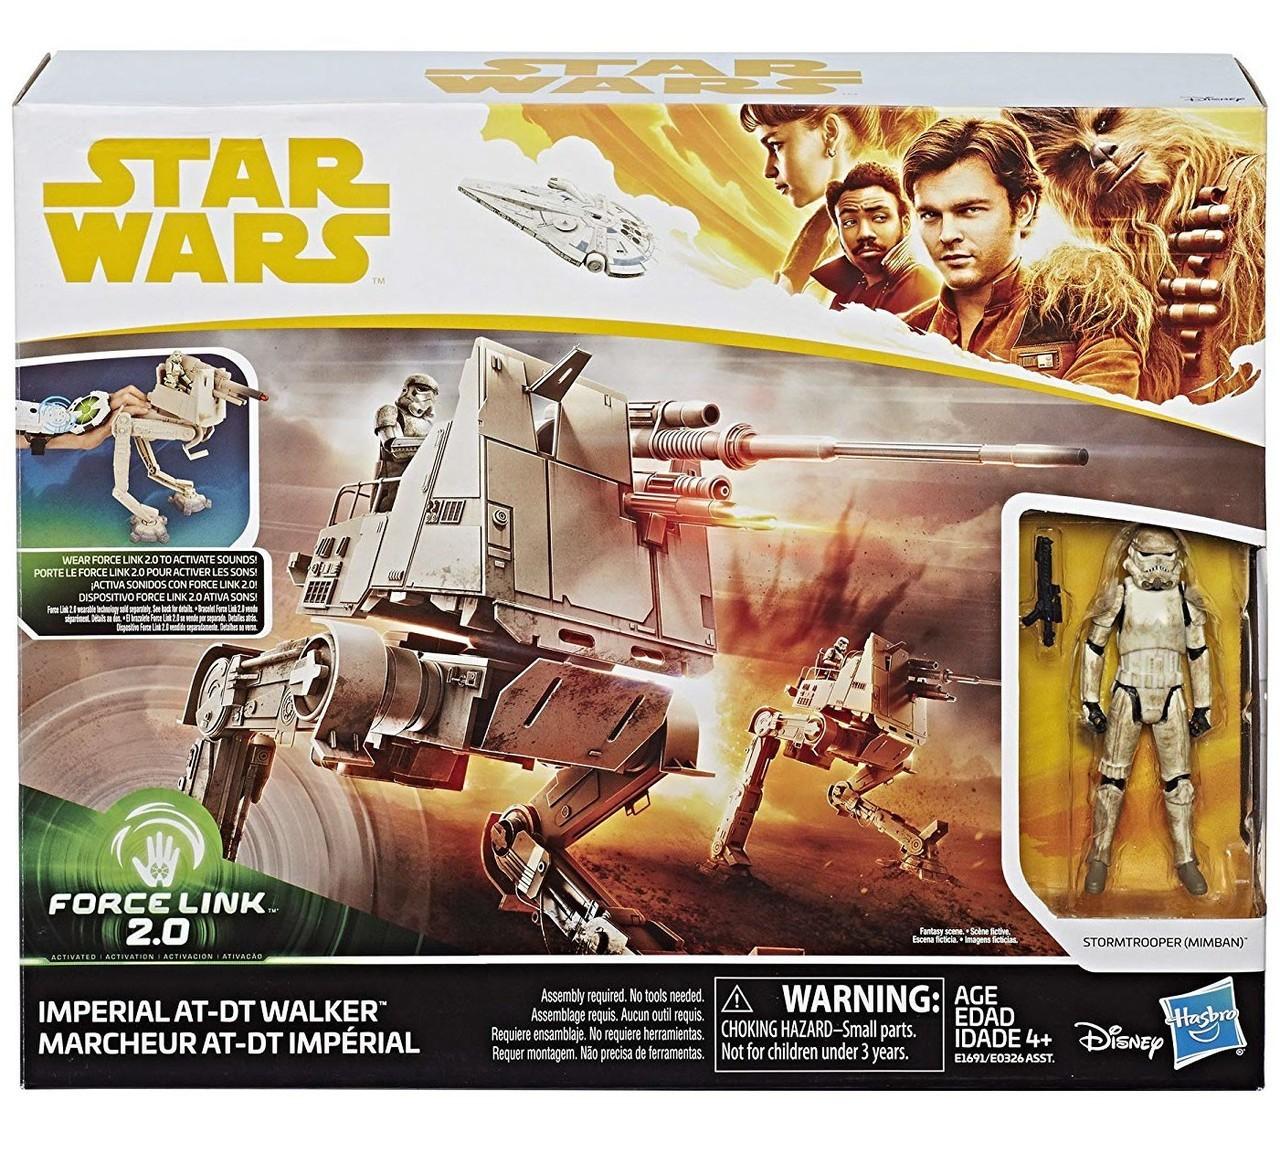 Imperial AT-DT Walker -